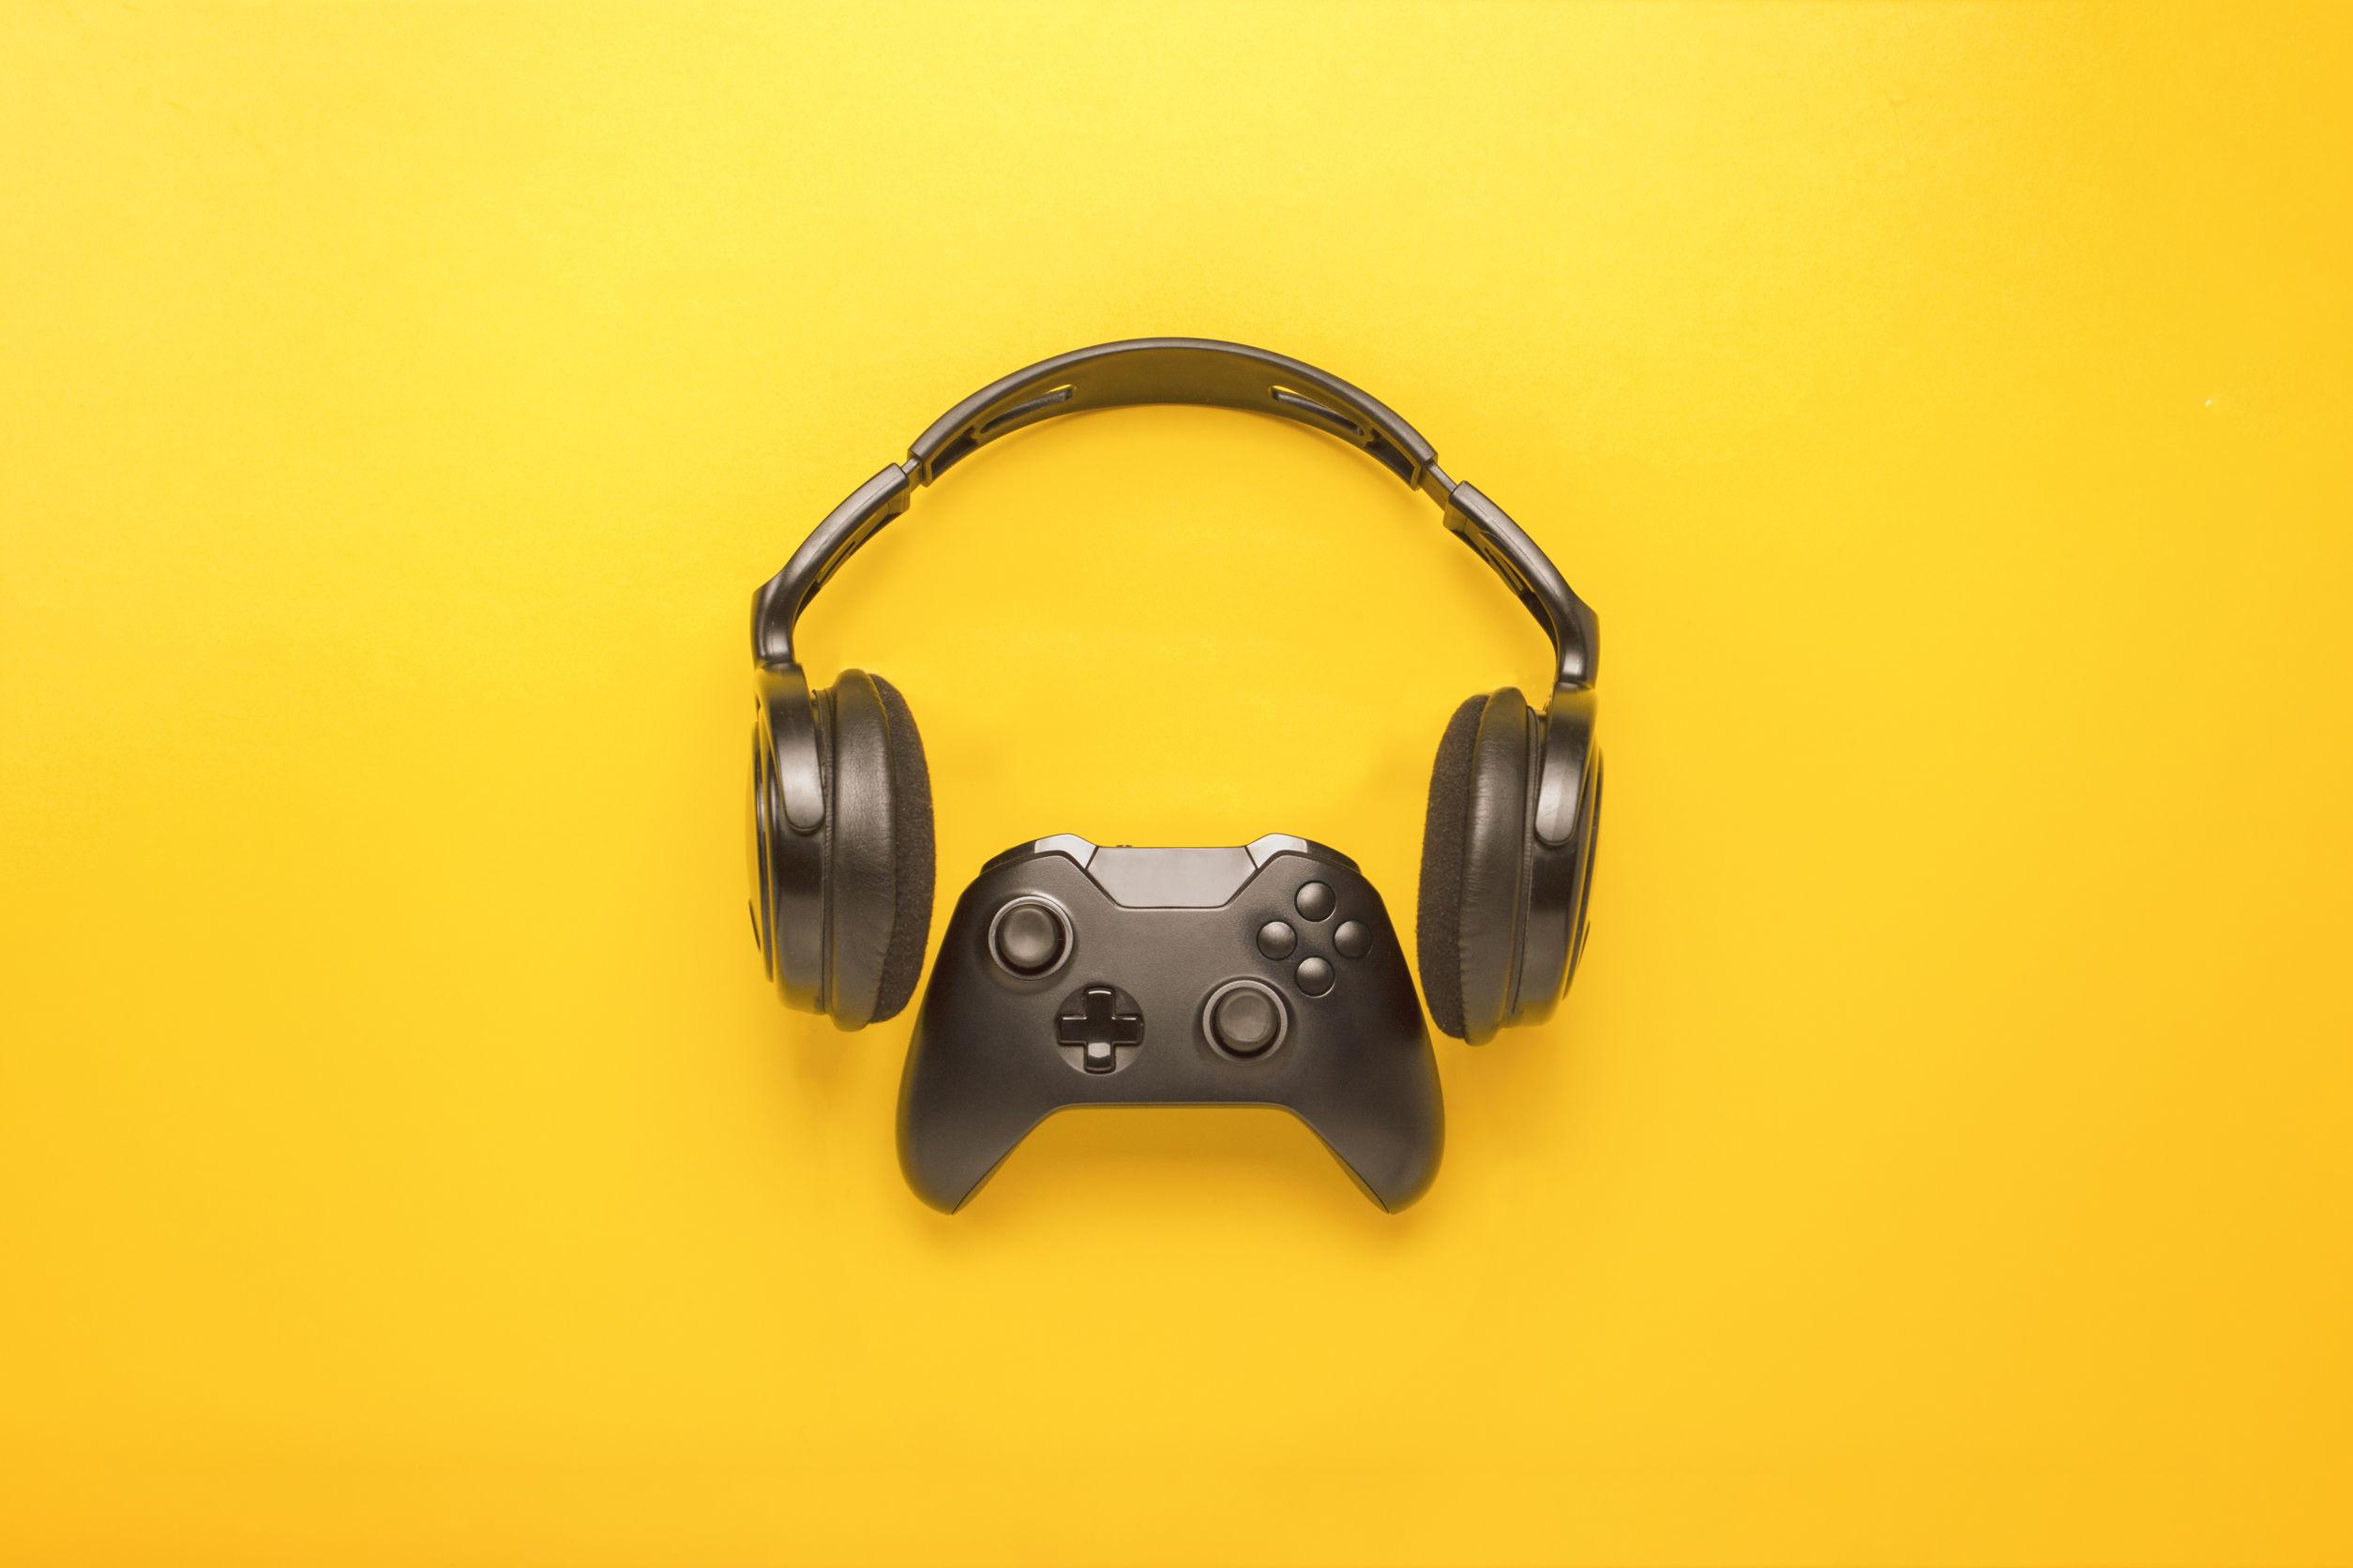 Audífonos gamer: ¿Cuáles son los mejores del 2020?